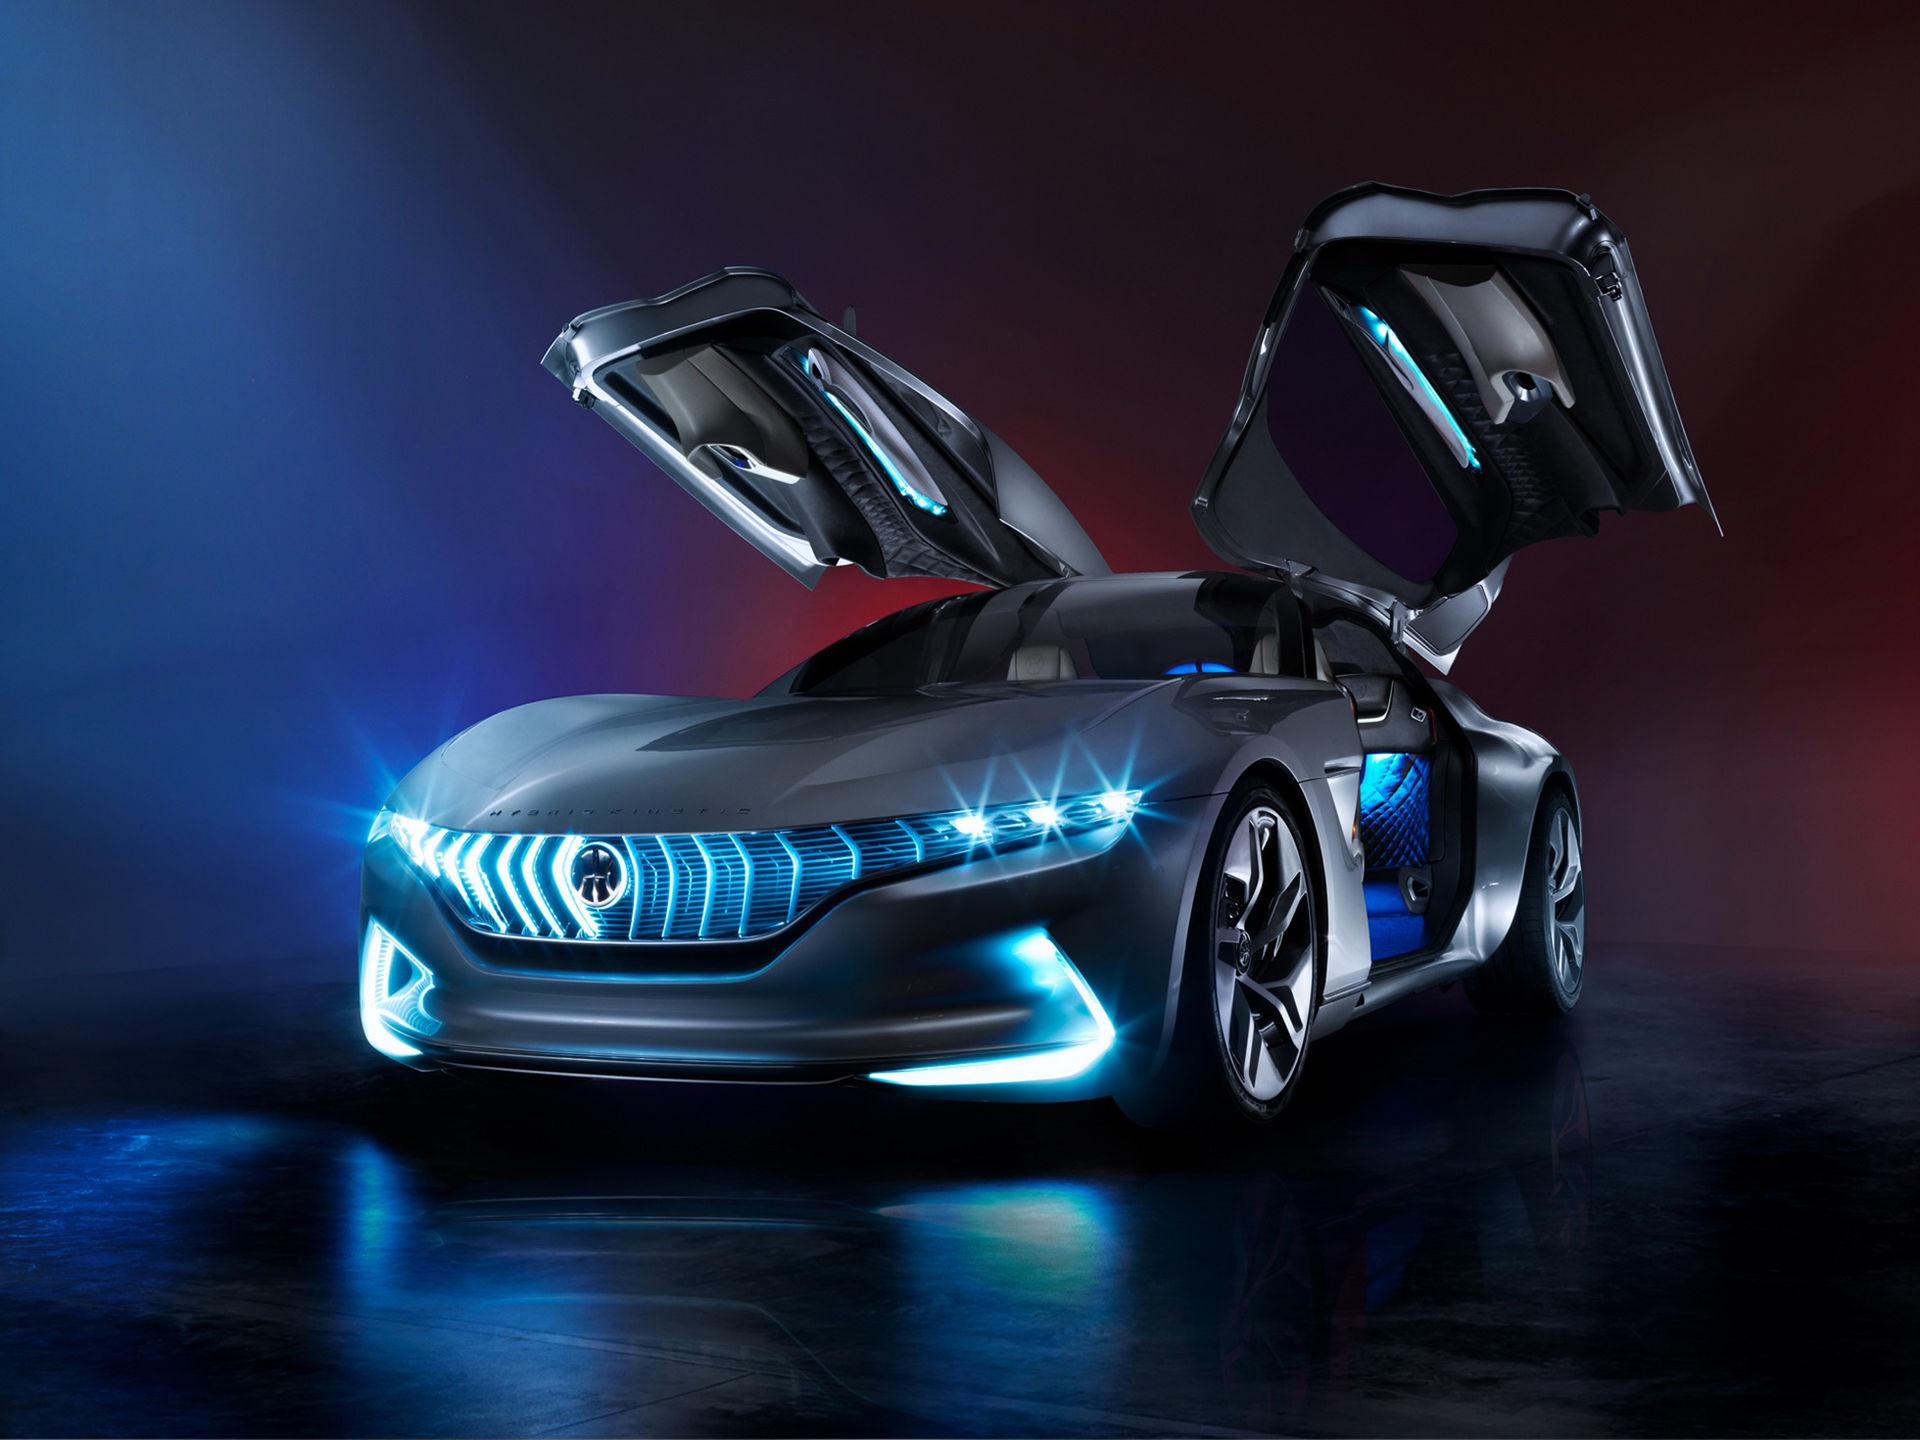 Pininfarinas nya konceptbil är presenterad